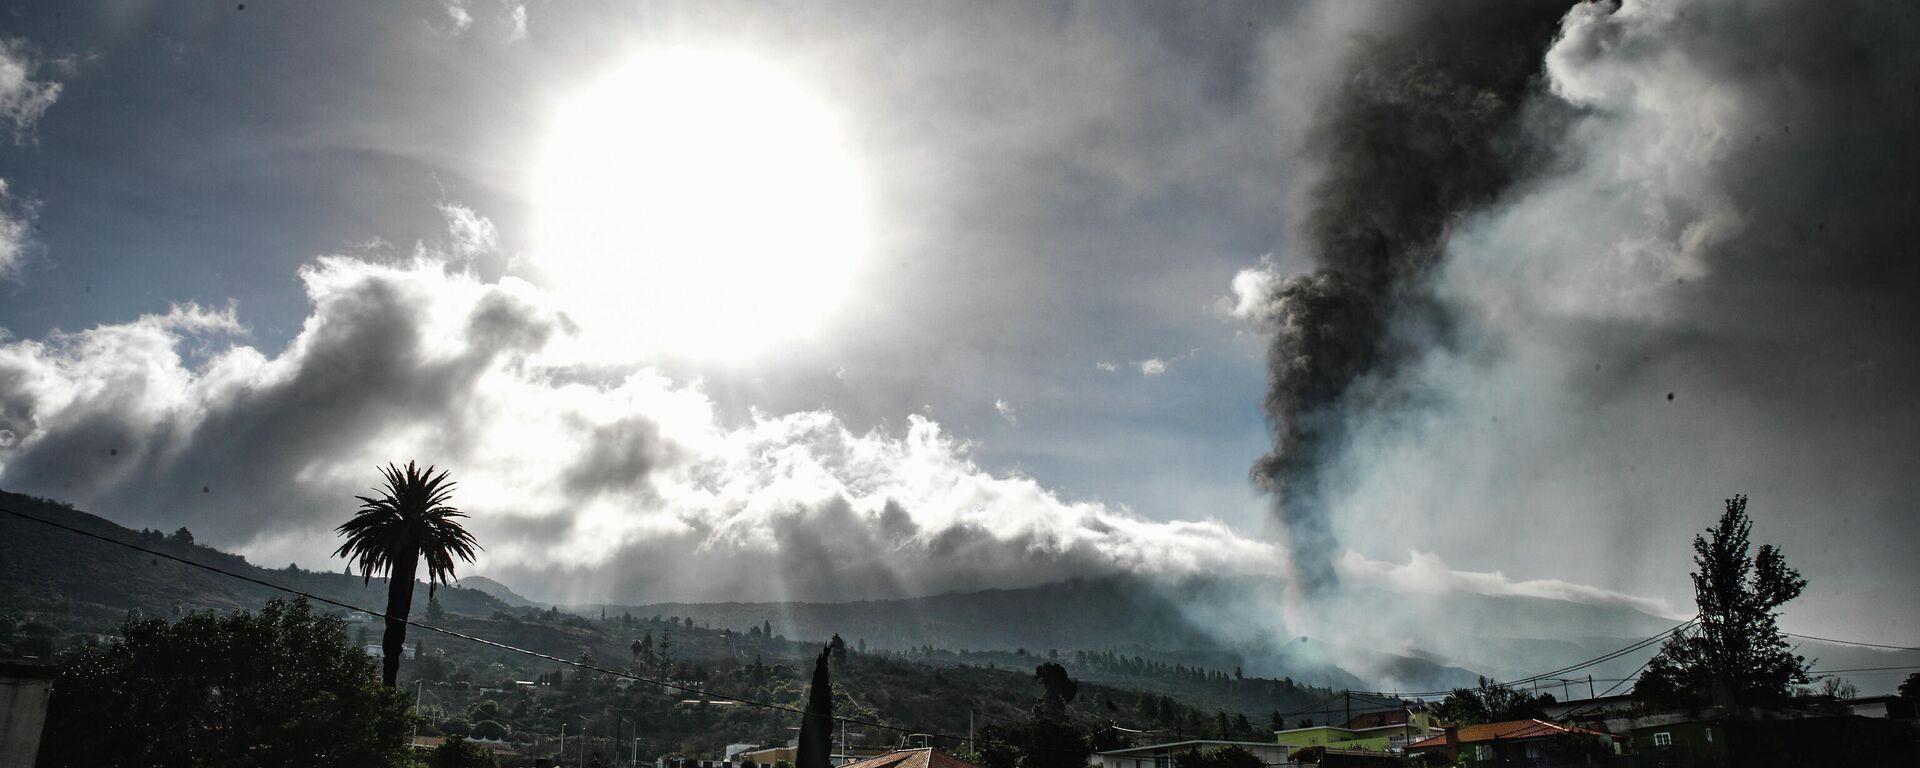 El volcán de La Palma visto desde el núcleo urbano de Todoque - Sputnik Mundo, 1920, 21.09.2021